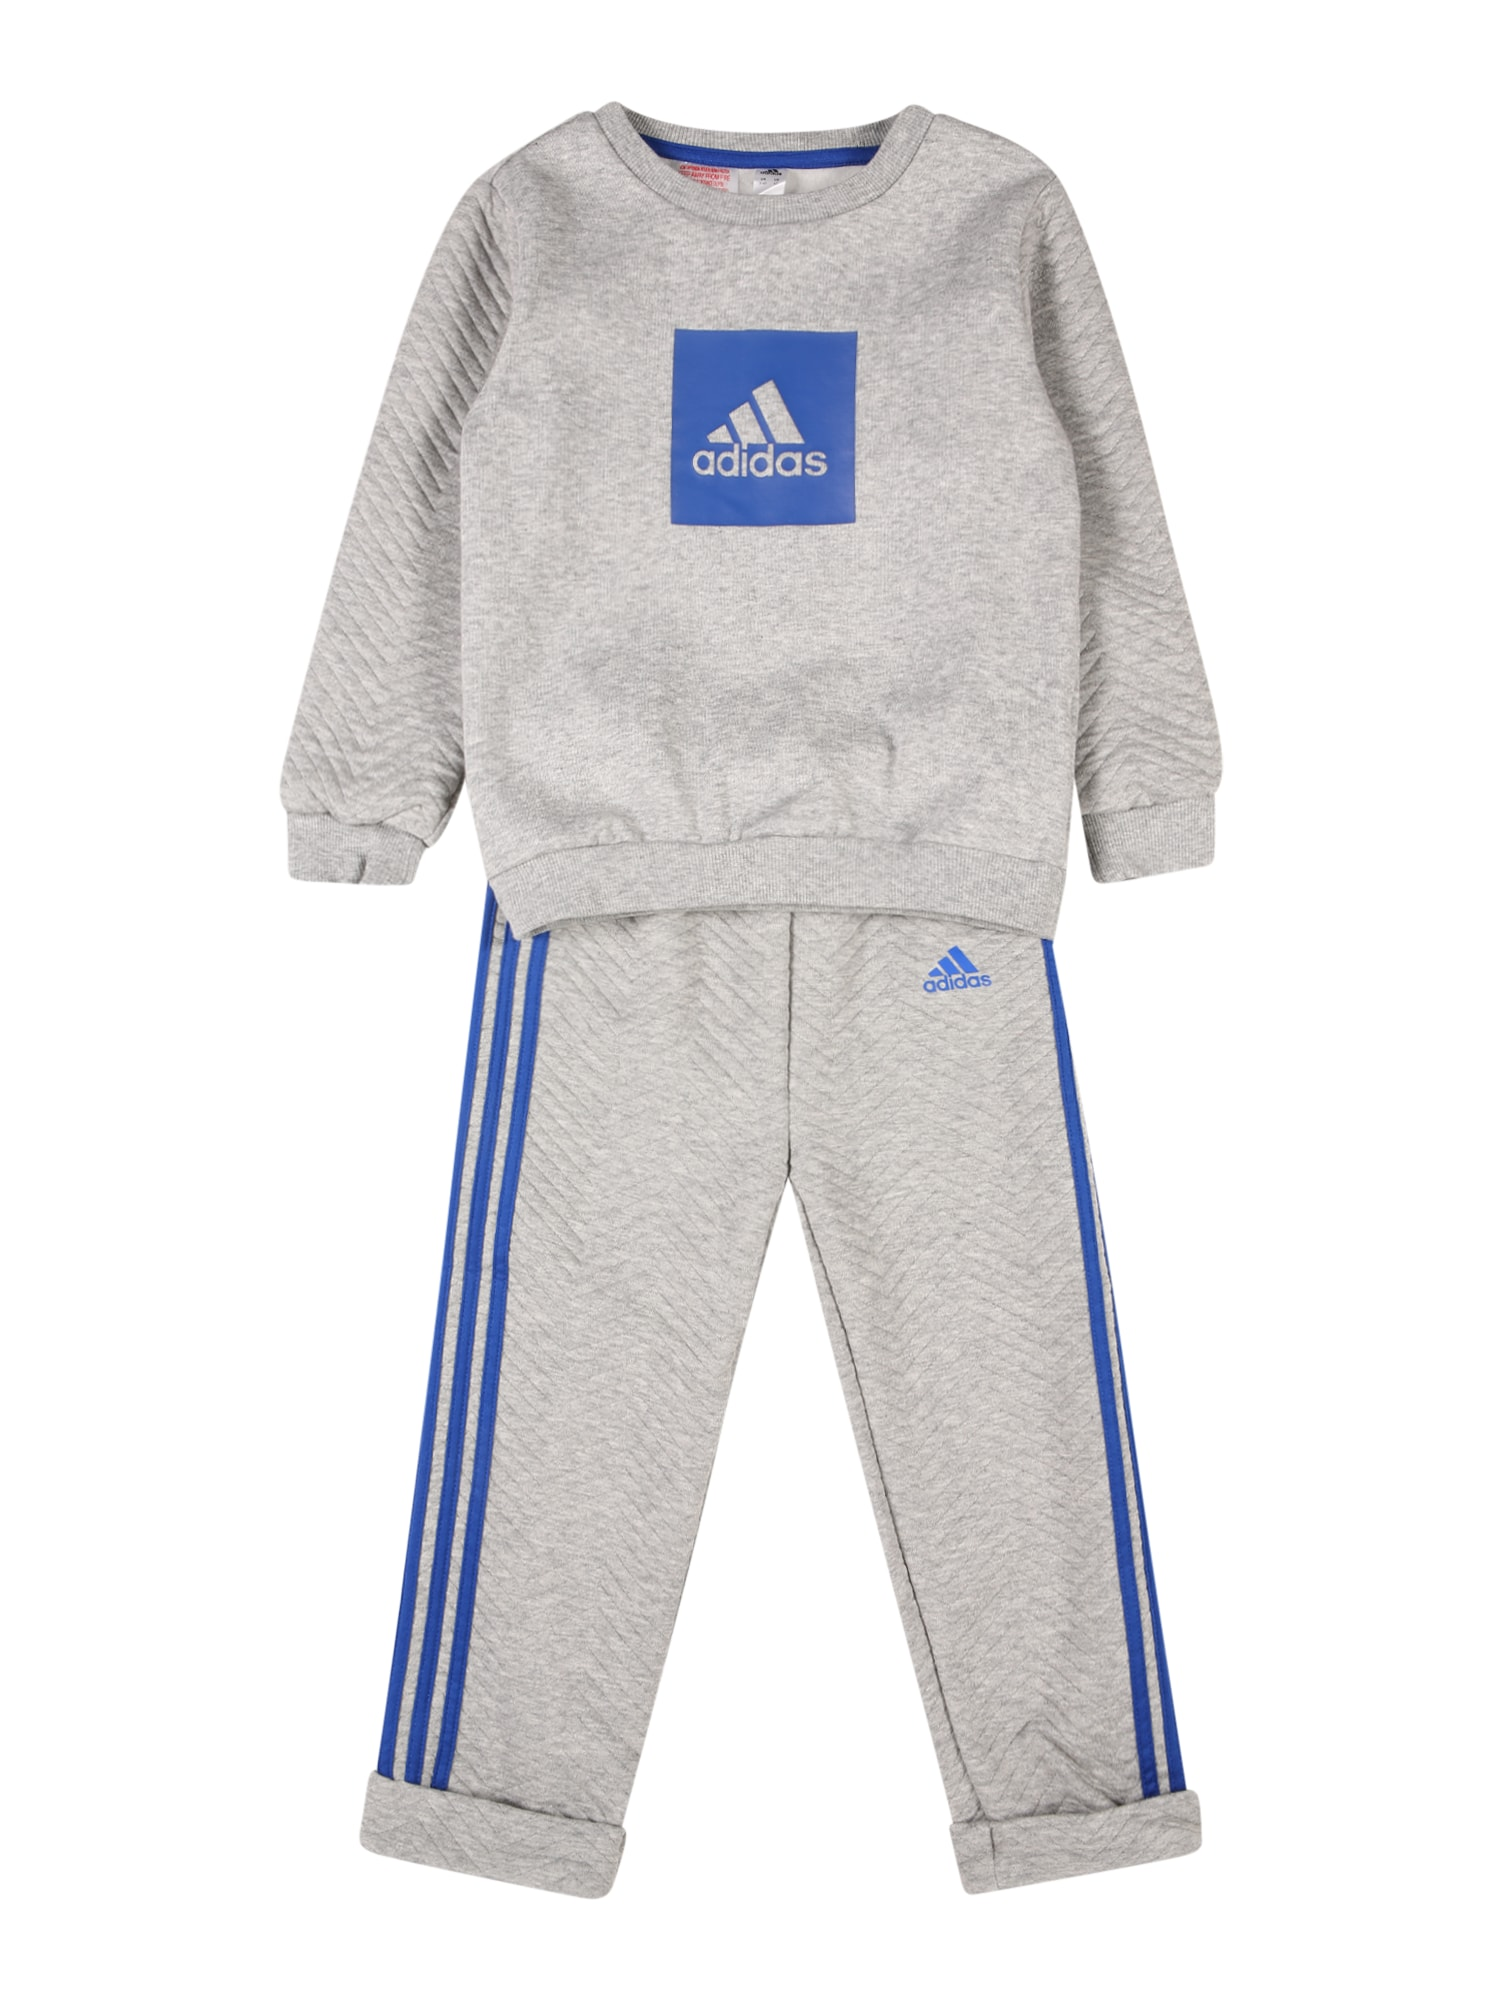 ADIDAS PERFORMANCE Treniruočių kostiumas margai pilka / mėlyna